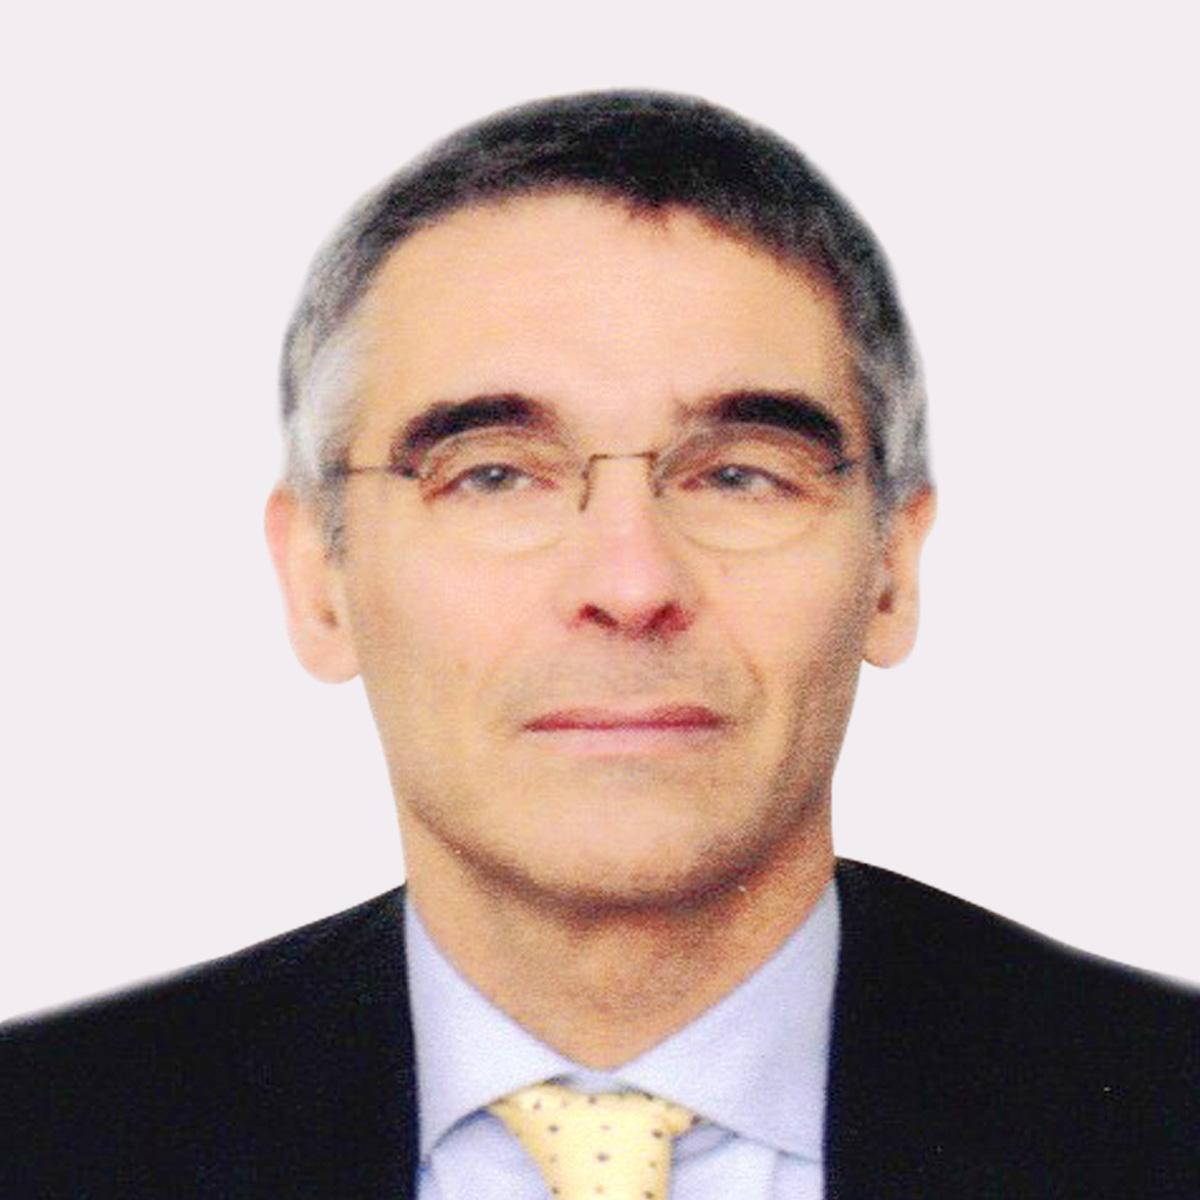 Stefano Grancini